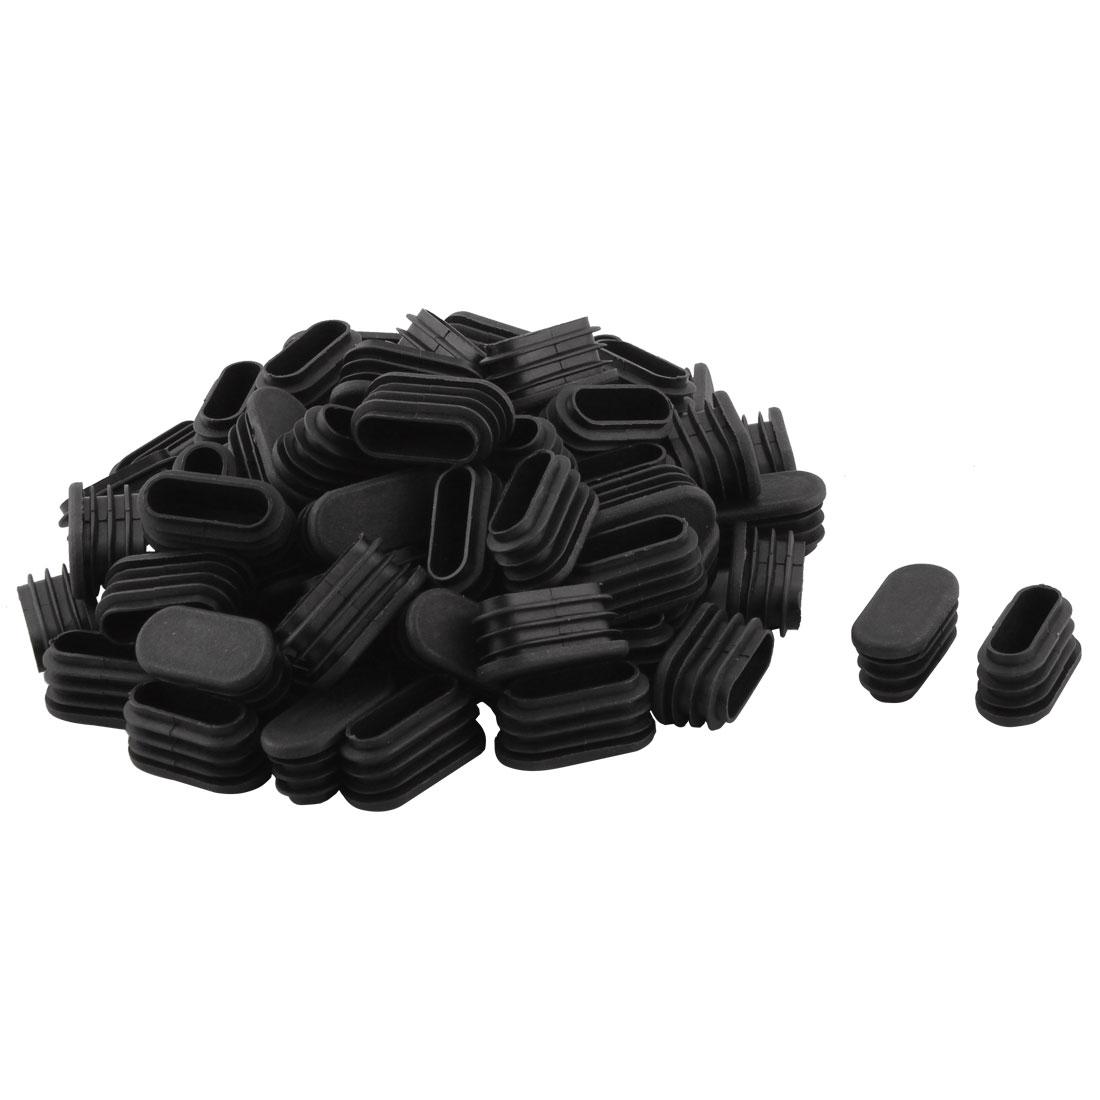 Household Plastic Rectangular Shaped Chair Leg Tube Pipe Insert Black 1.6 x 3.4cm 80 PCS